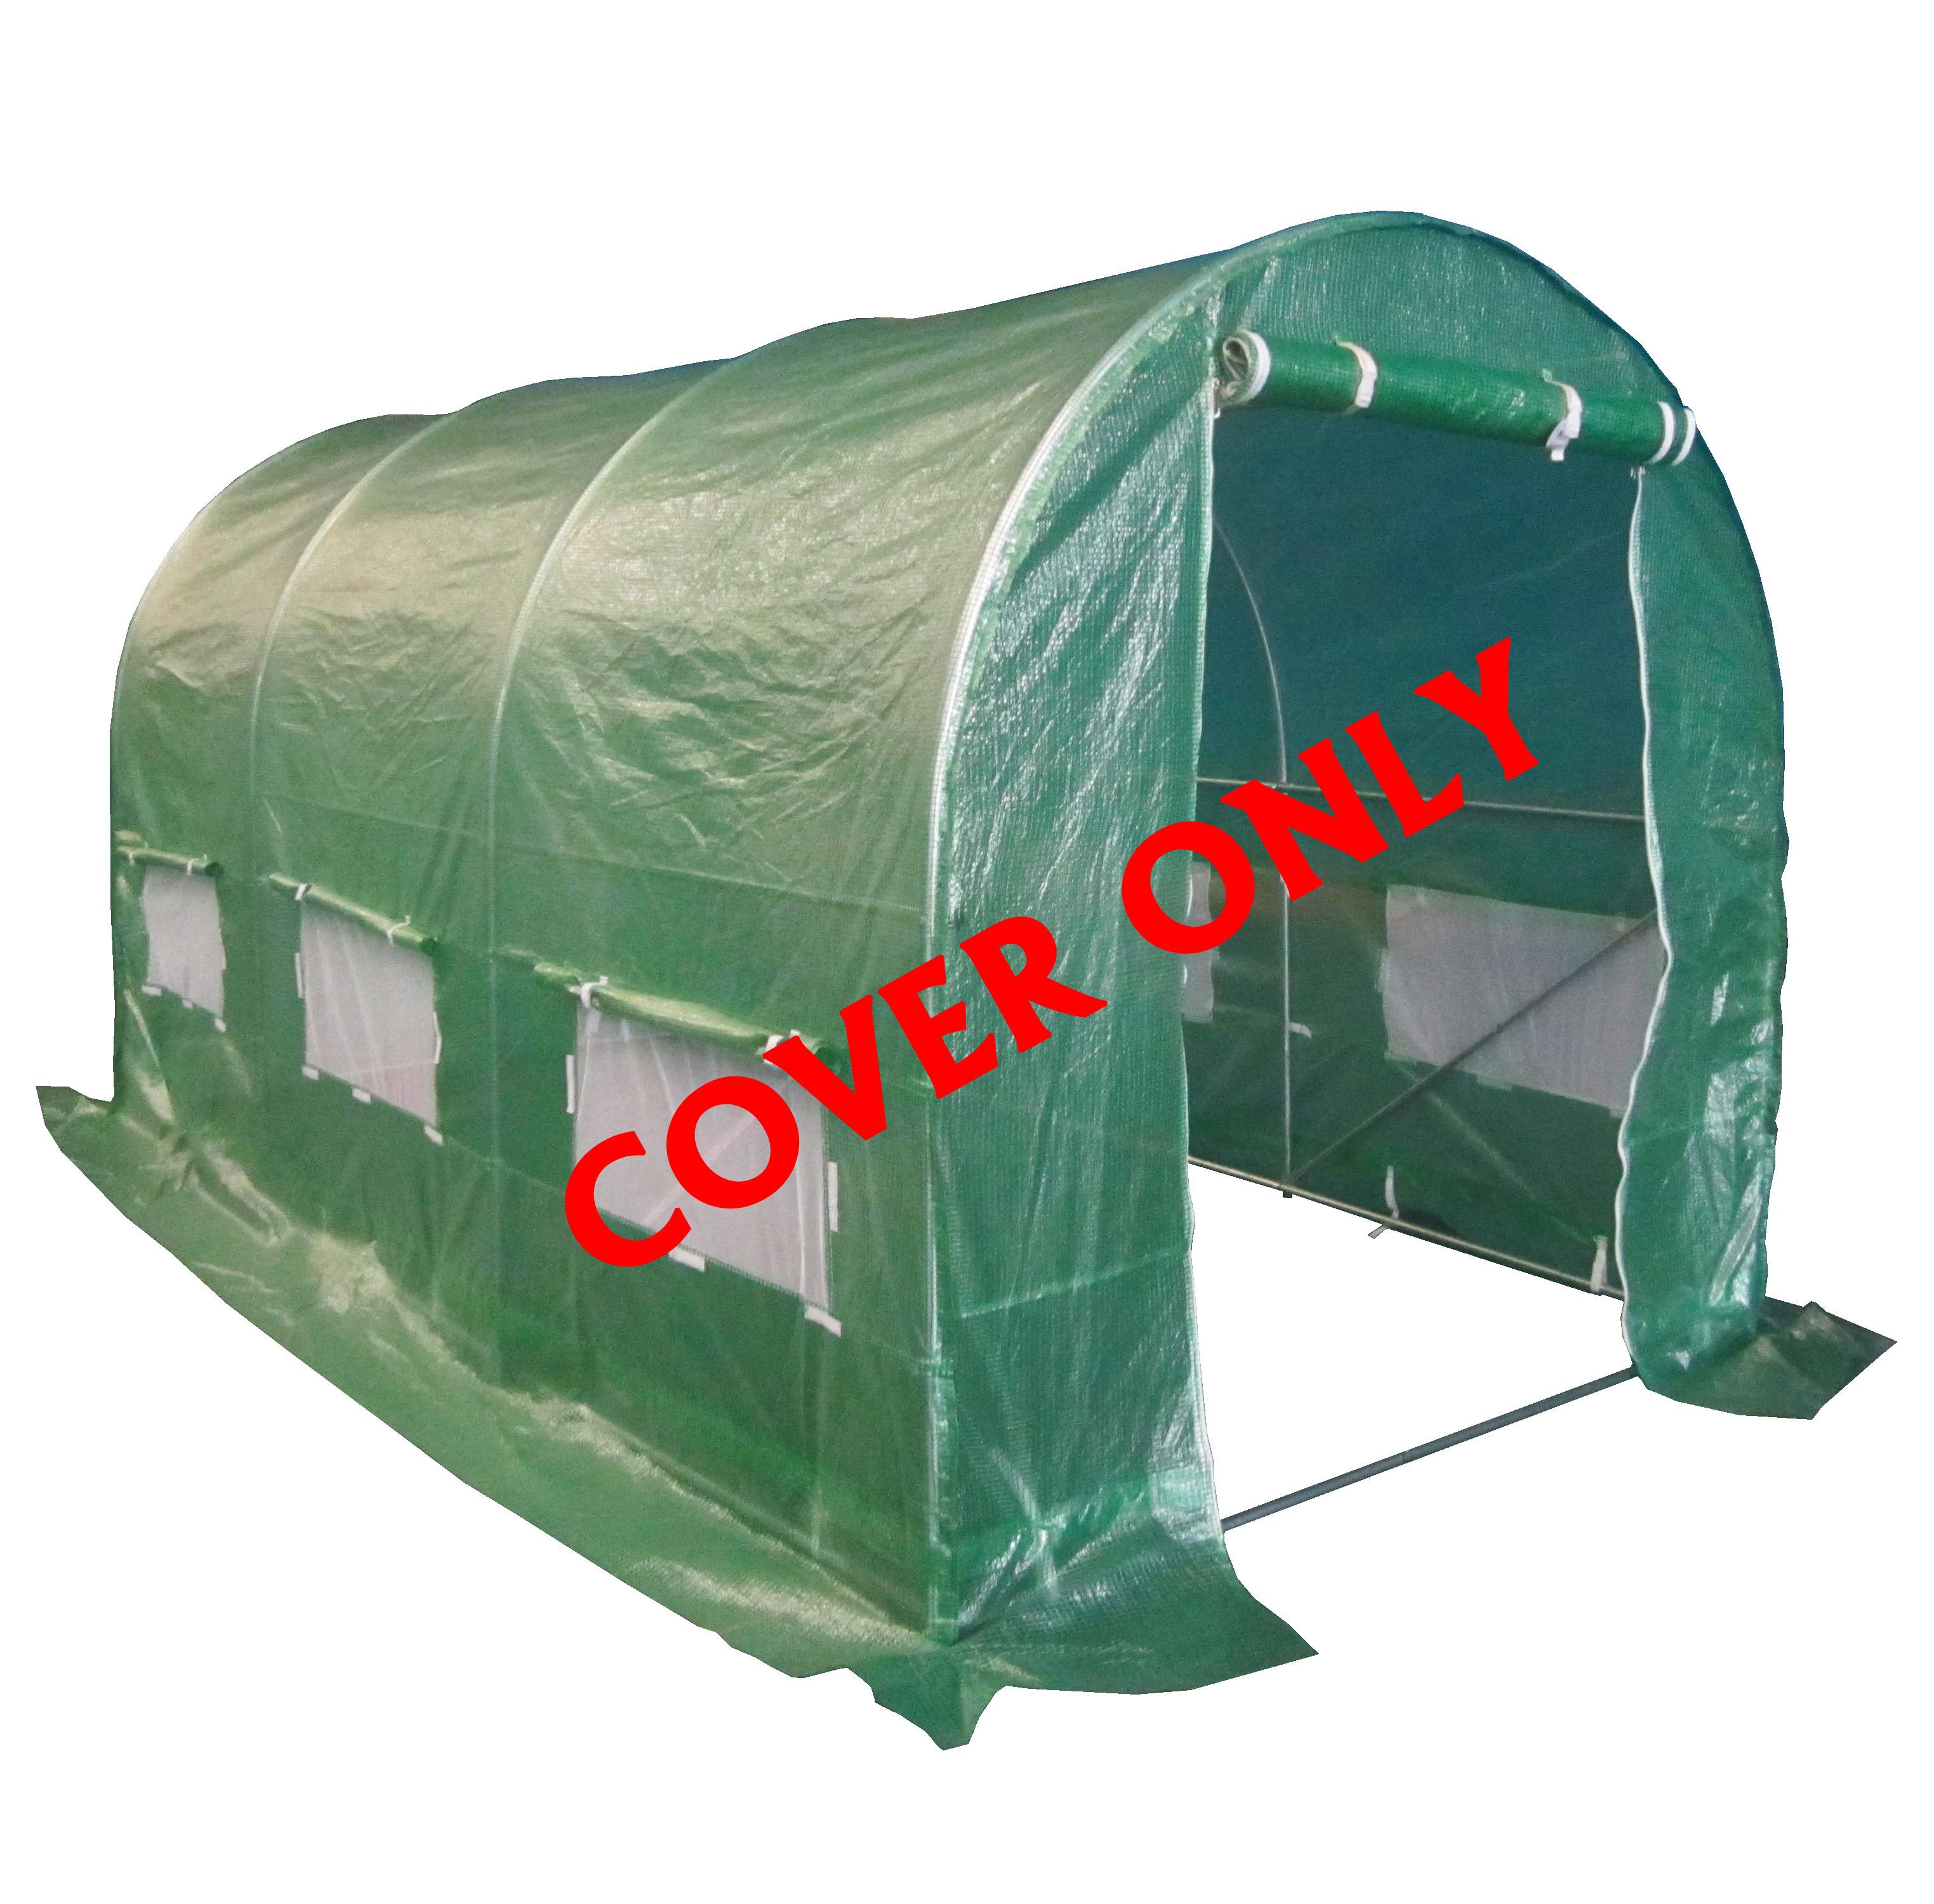 Foxhunter-Reemplazo-polytunnel-de-efecto-invernadero-pollytunnel-Poly-tunel-cubierta-solo